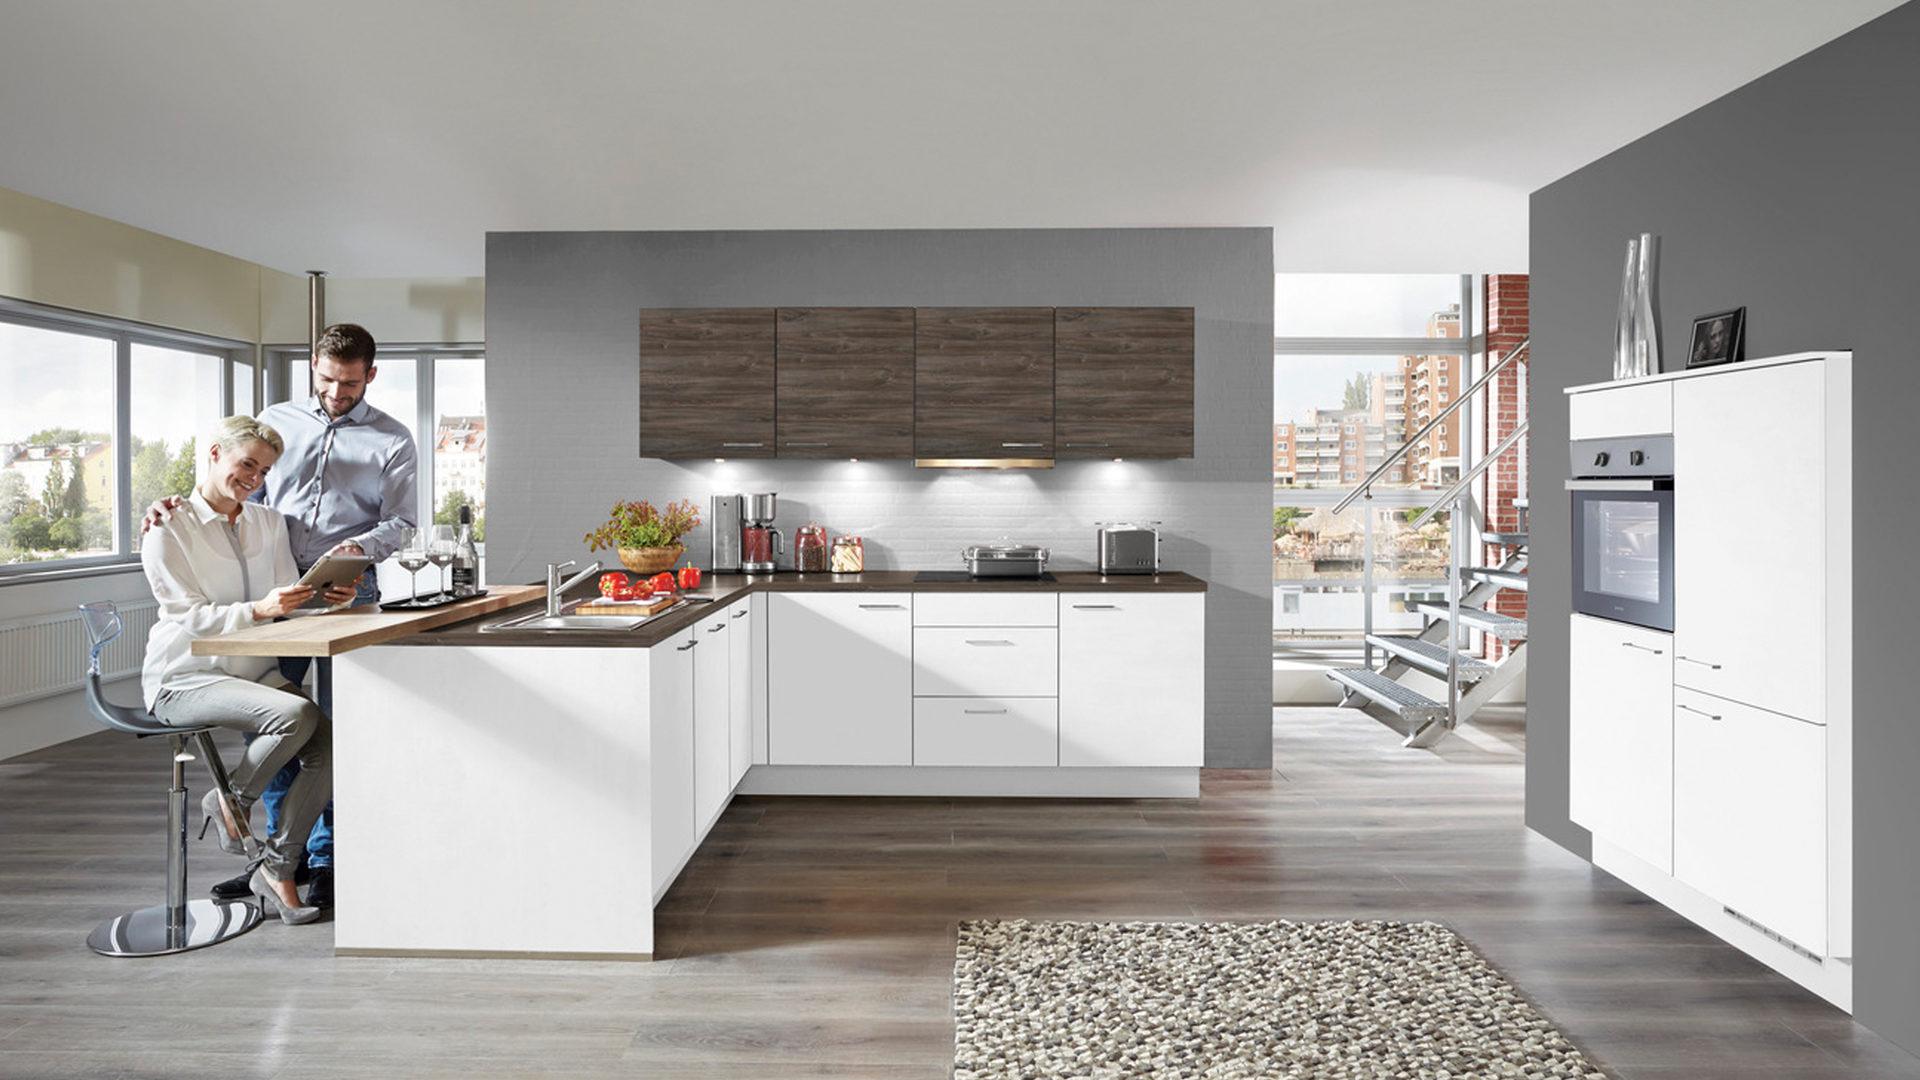 Gorenje Kühlschrank Braun : Einbauküche mit gorenje elektrogeräten wie kühlschrank weiße